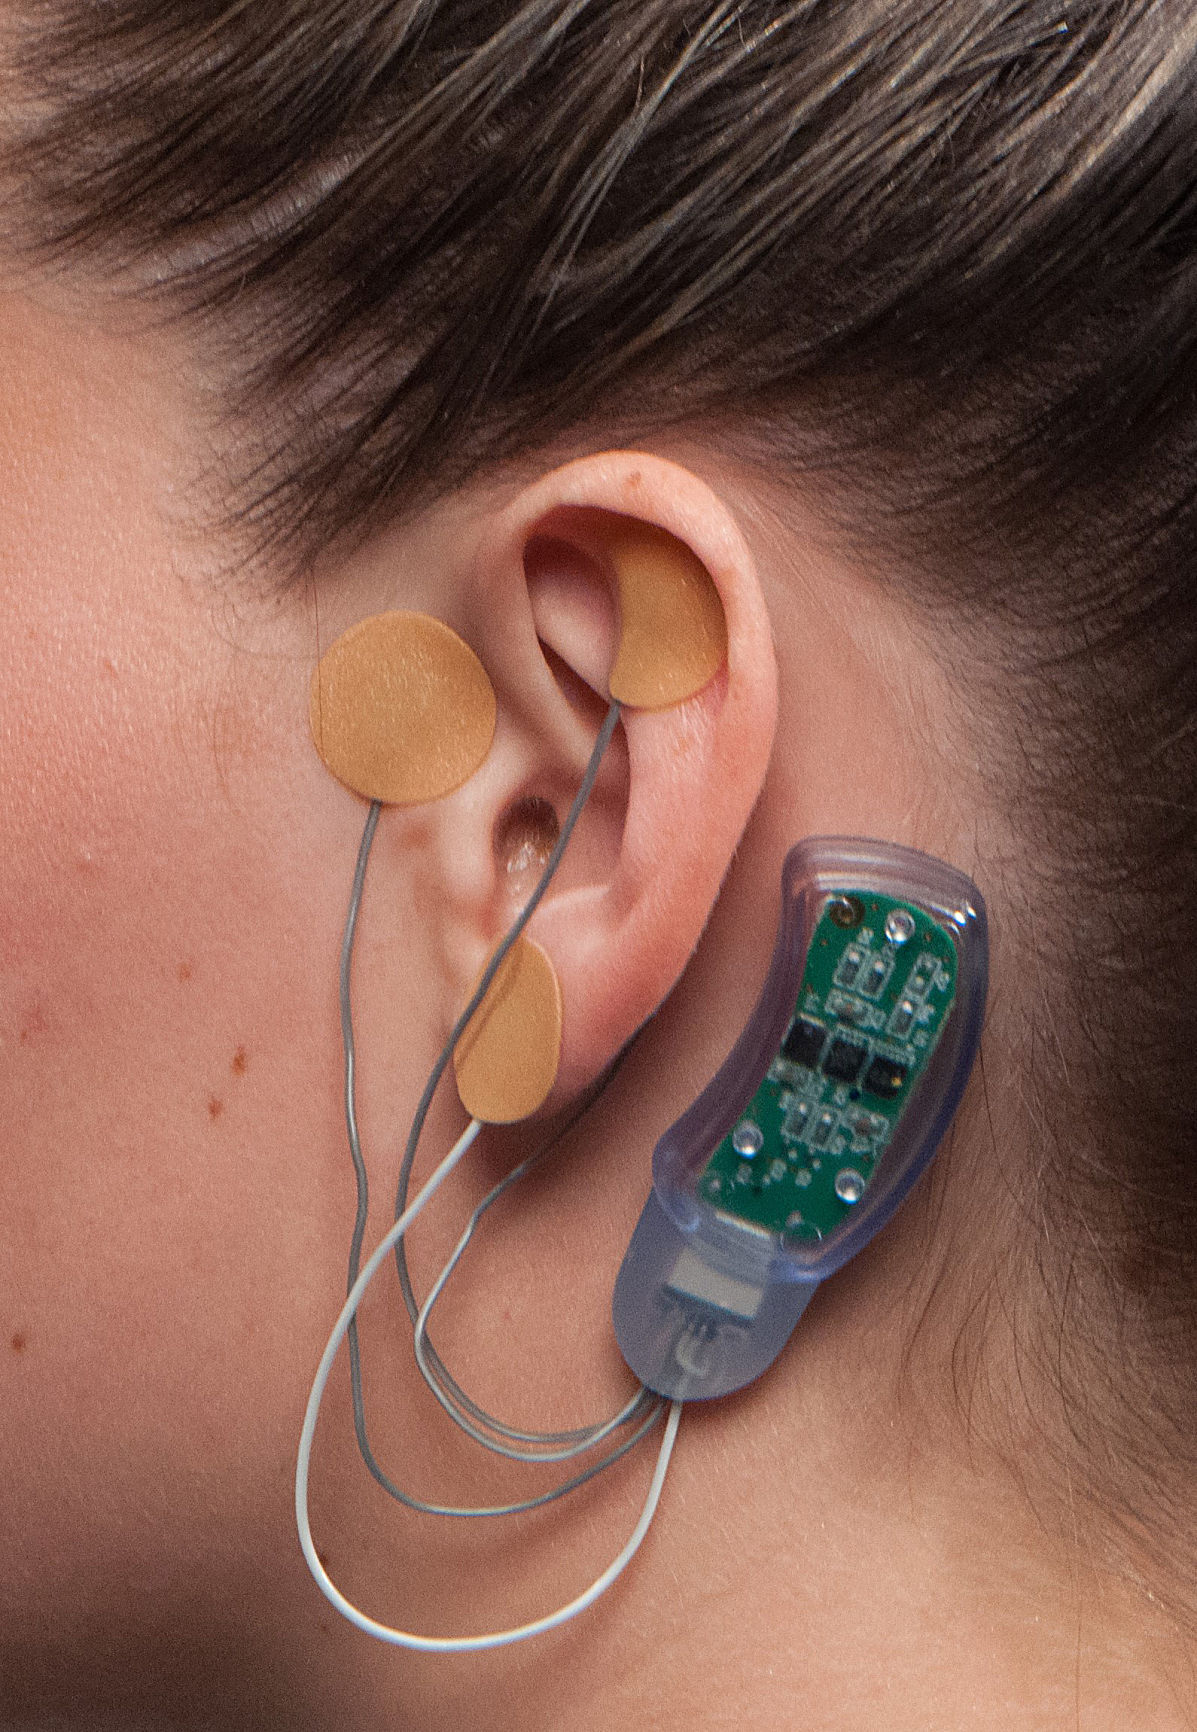 MED--Opioids-Nerve Stimulator